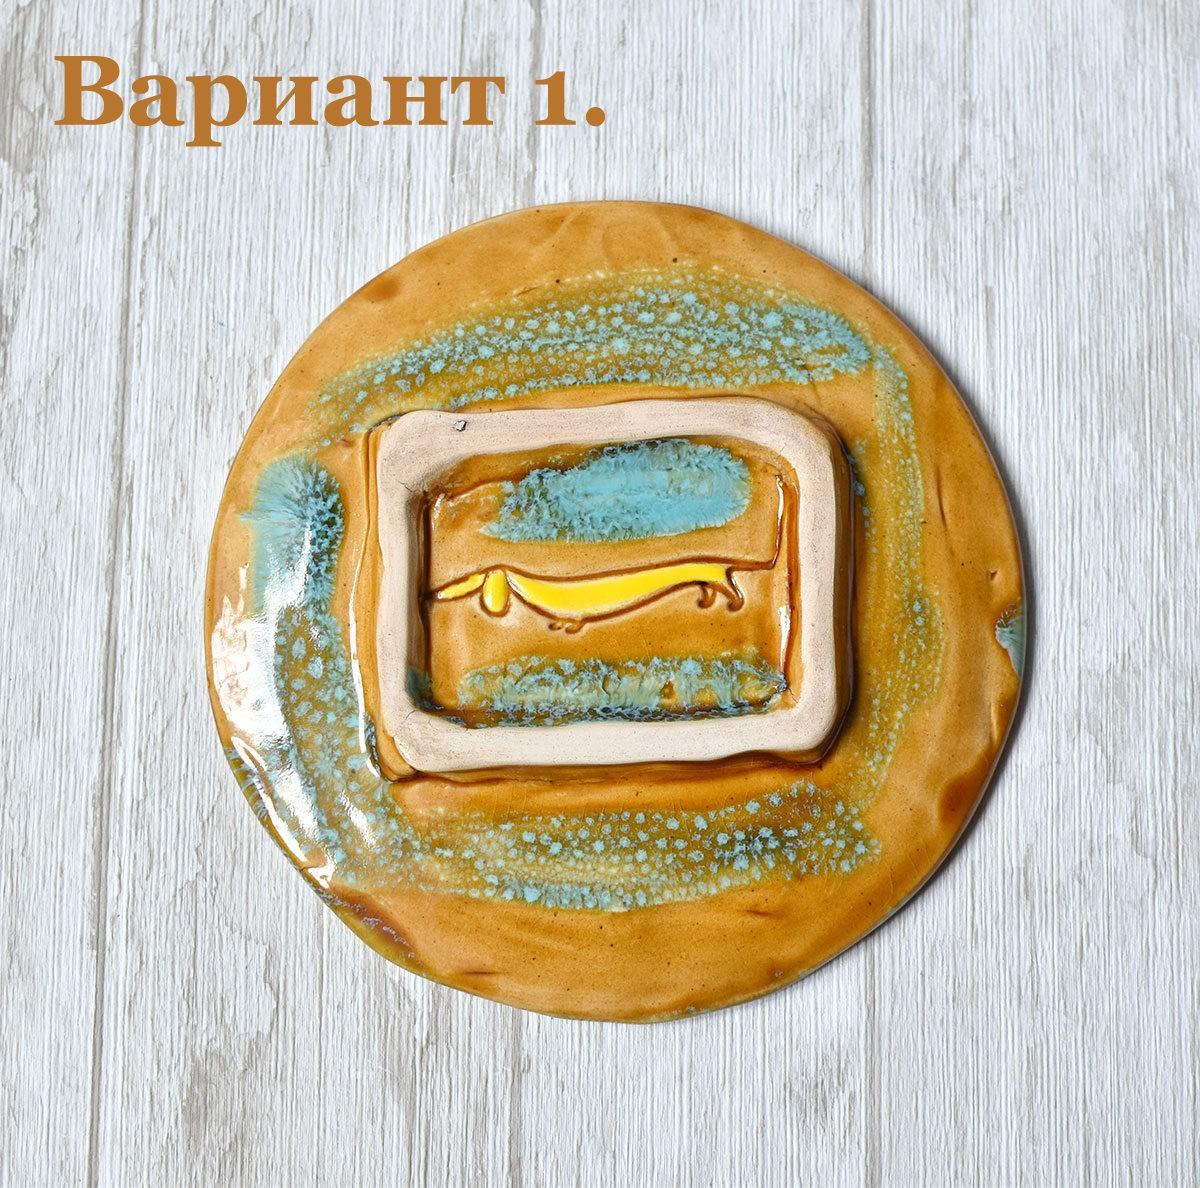 """картинка Керамическое блюдце ручной работы """"Таксы"""" - DishWishes.Ru"""